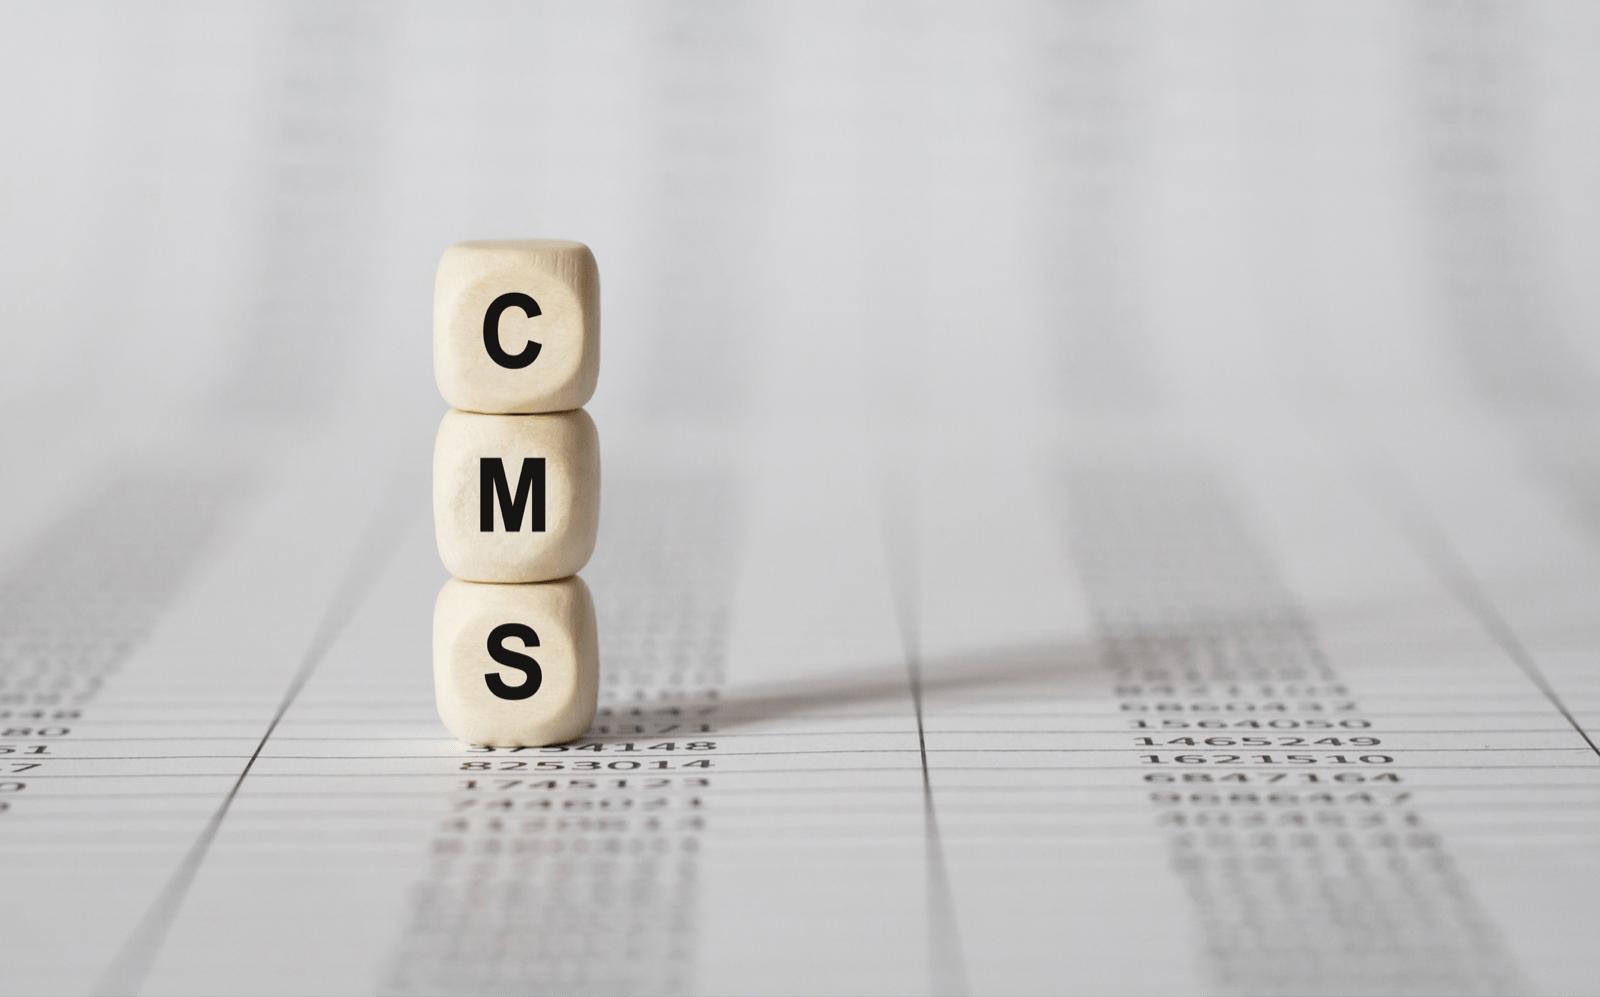 木製のブロックで作られたCMSという単語